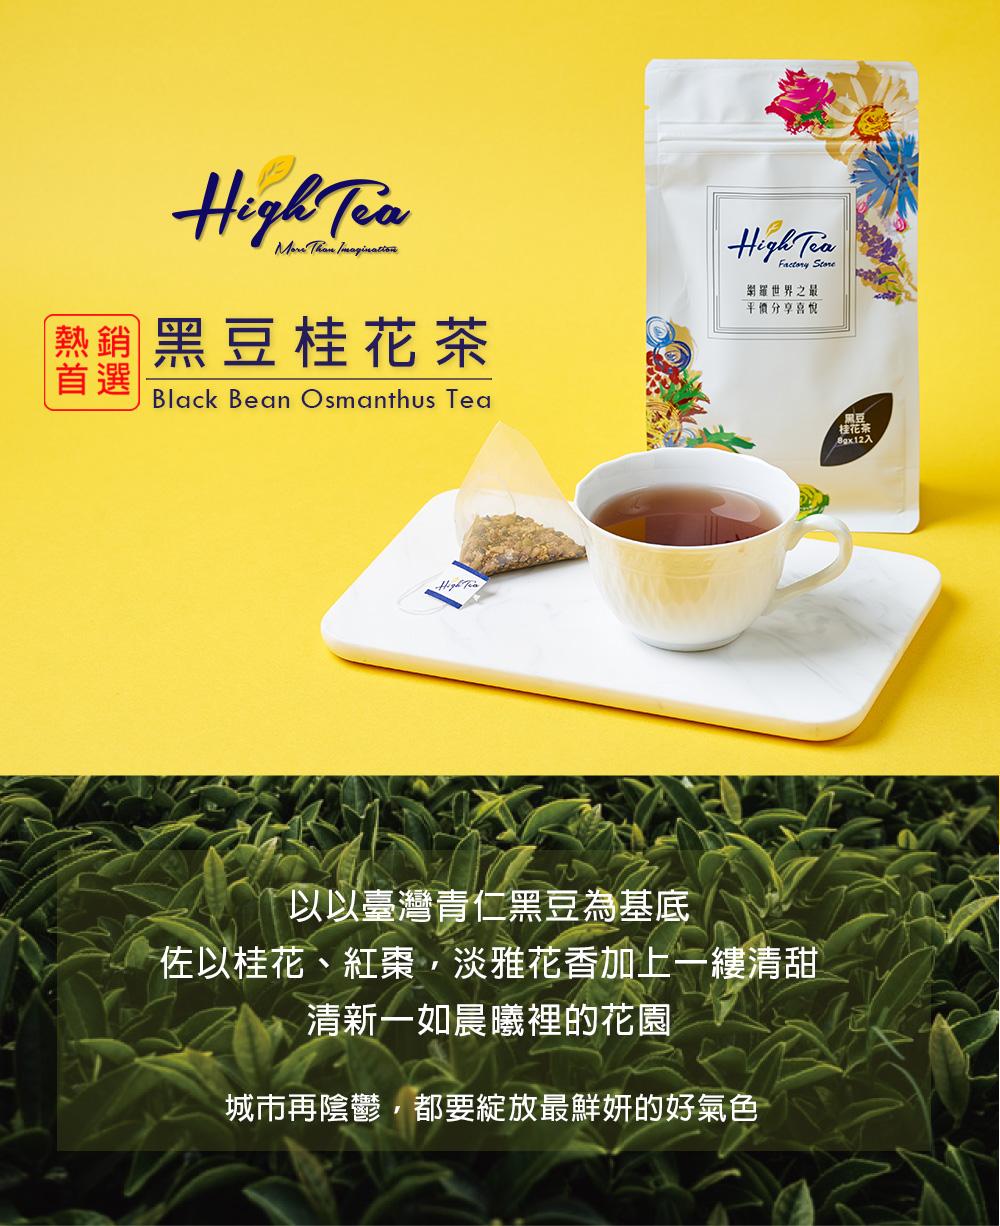 黑豆桂花茶,以臺灣青仁黑豆為基底,佐以桂花、紅棗,淡雅花香加上一縷清甜,清新一如晨曦裡的花園。 城市再陰鬱,都要綻放最鮮妍的好氣色。